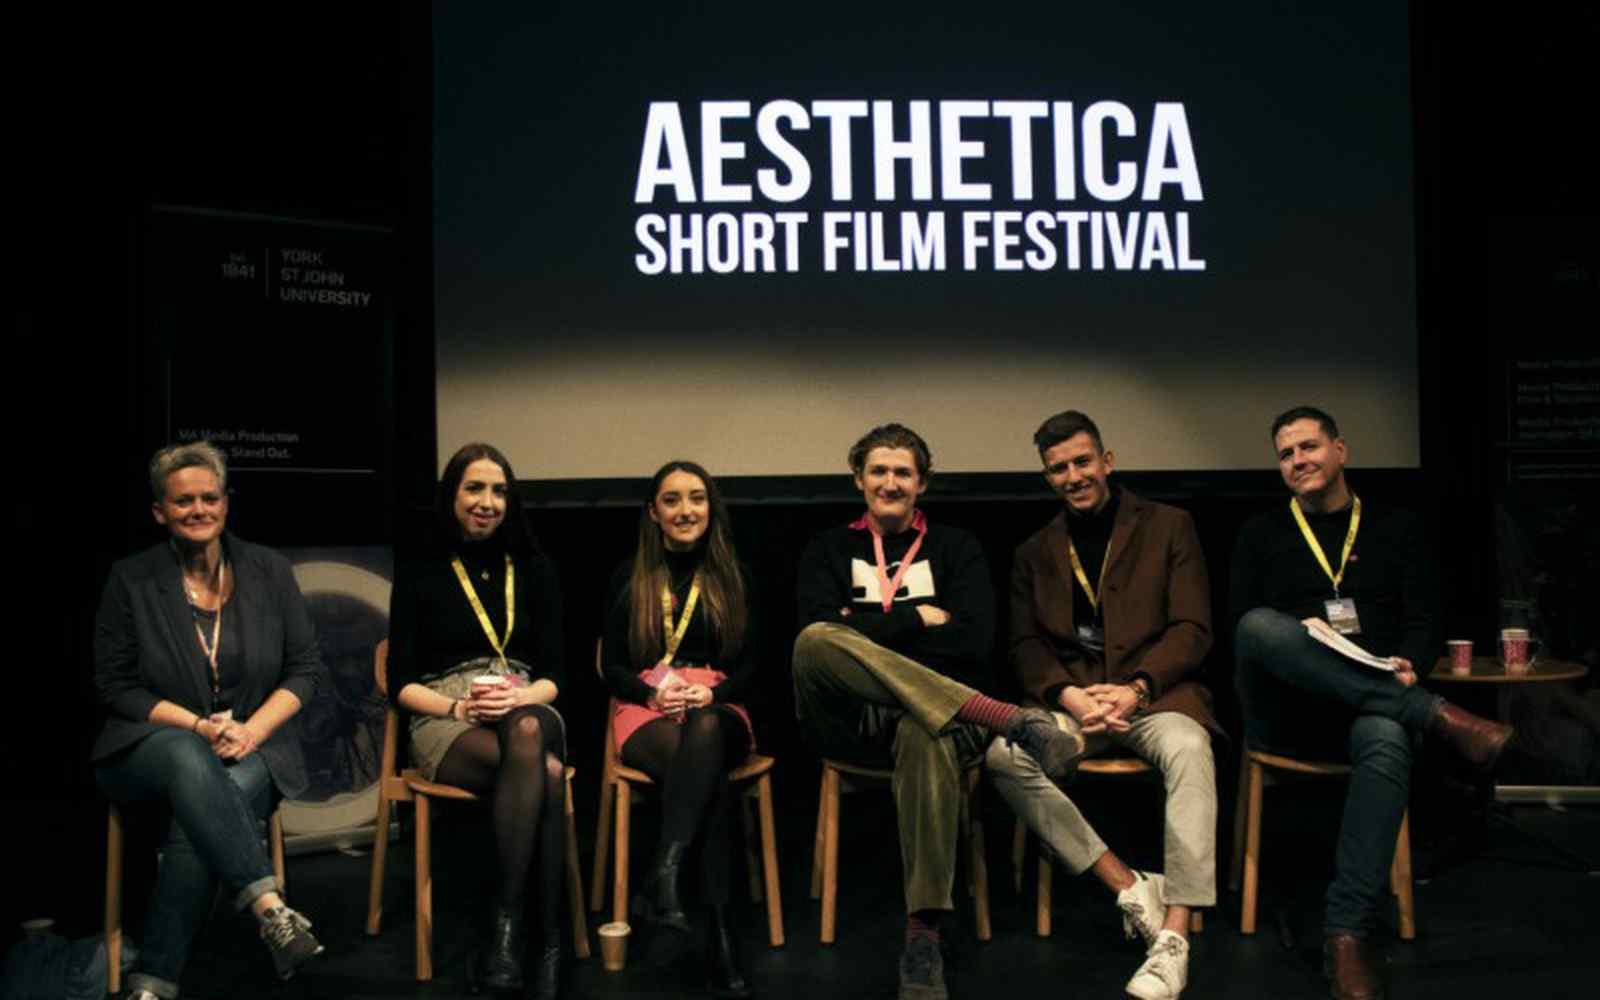 Filmmaker panel from the Aesthetica Short Film Festival showcase